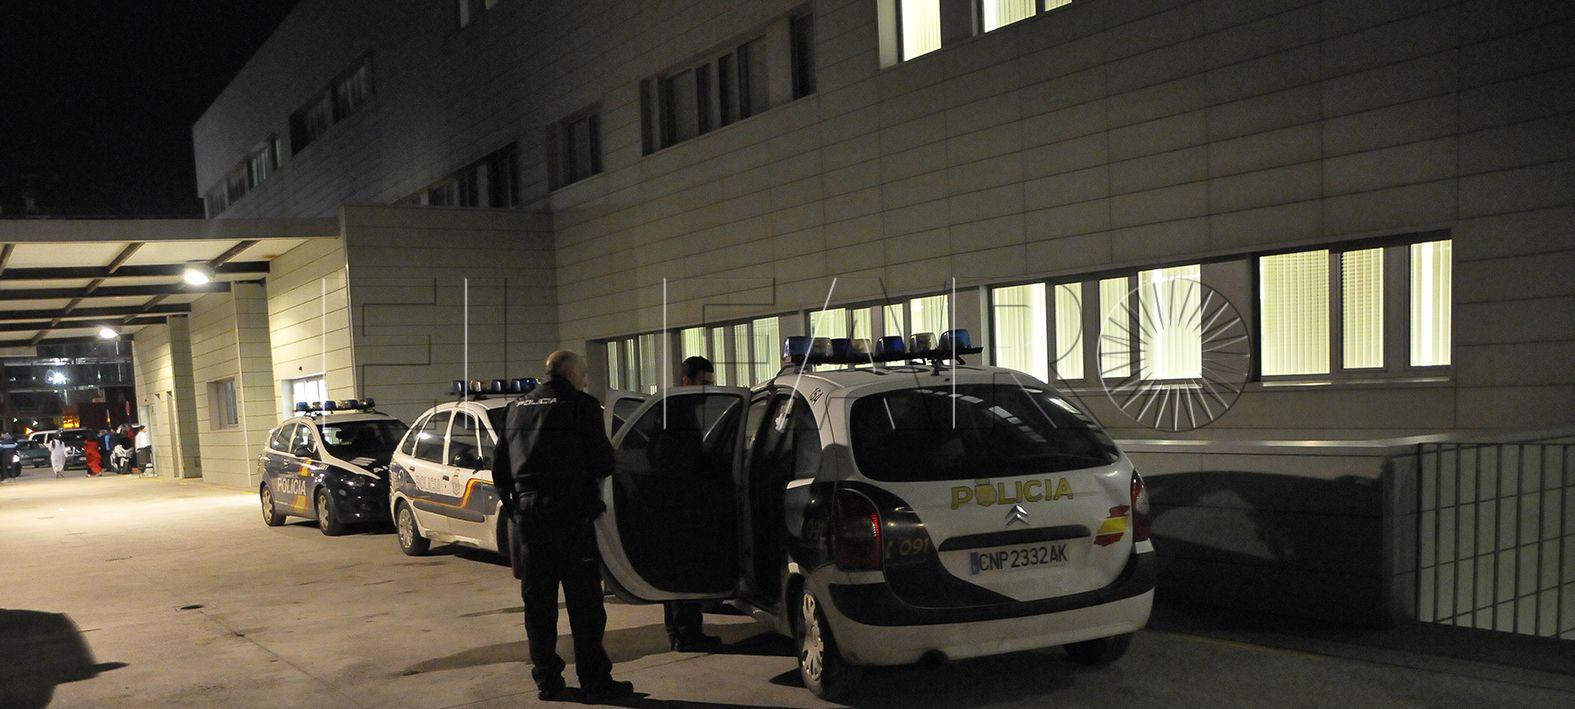 Interior pide al ingesa sitio para una unidad de custodia for Pagina del ministerio de interior y justicia